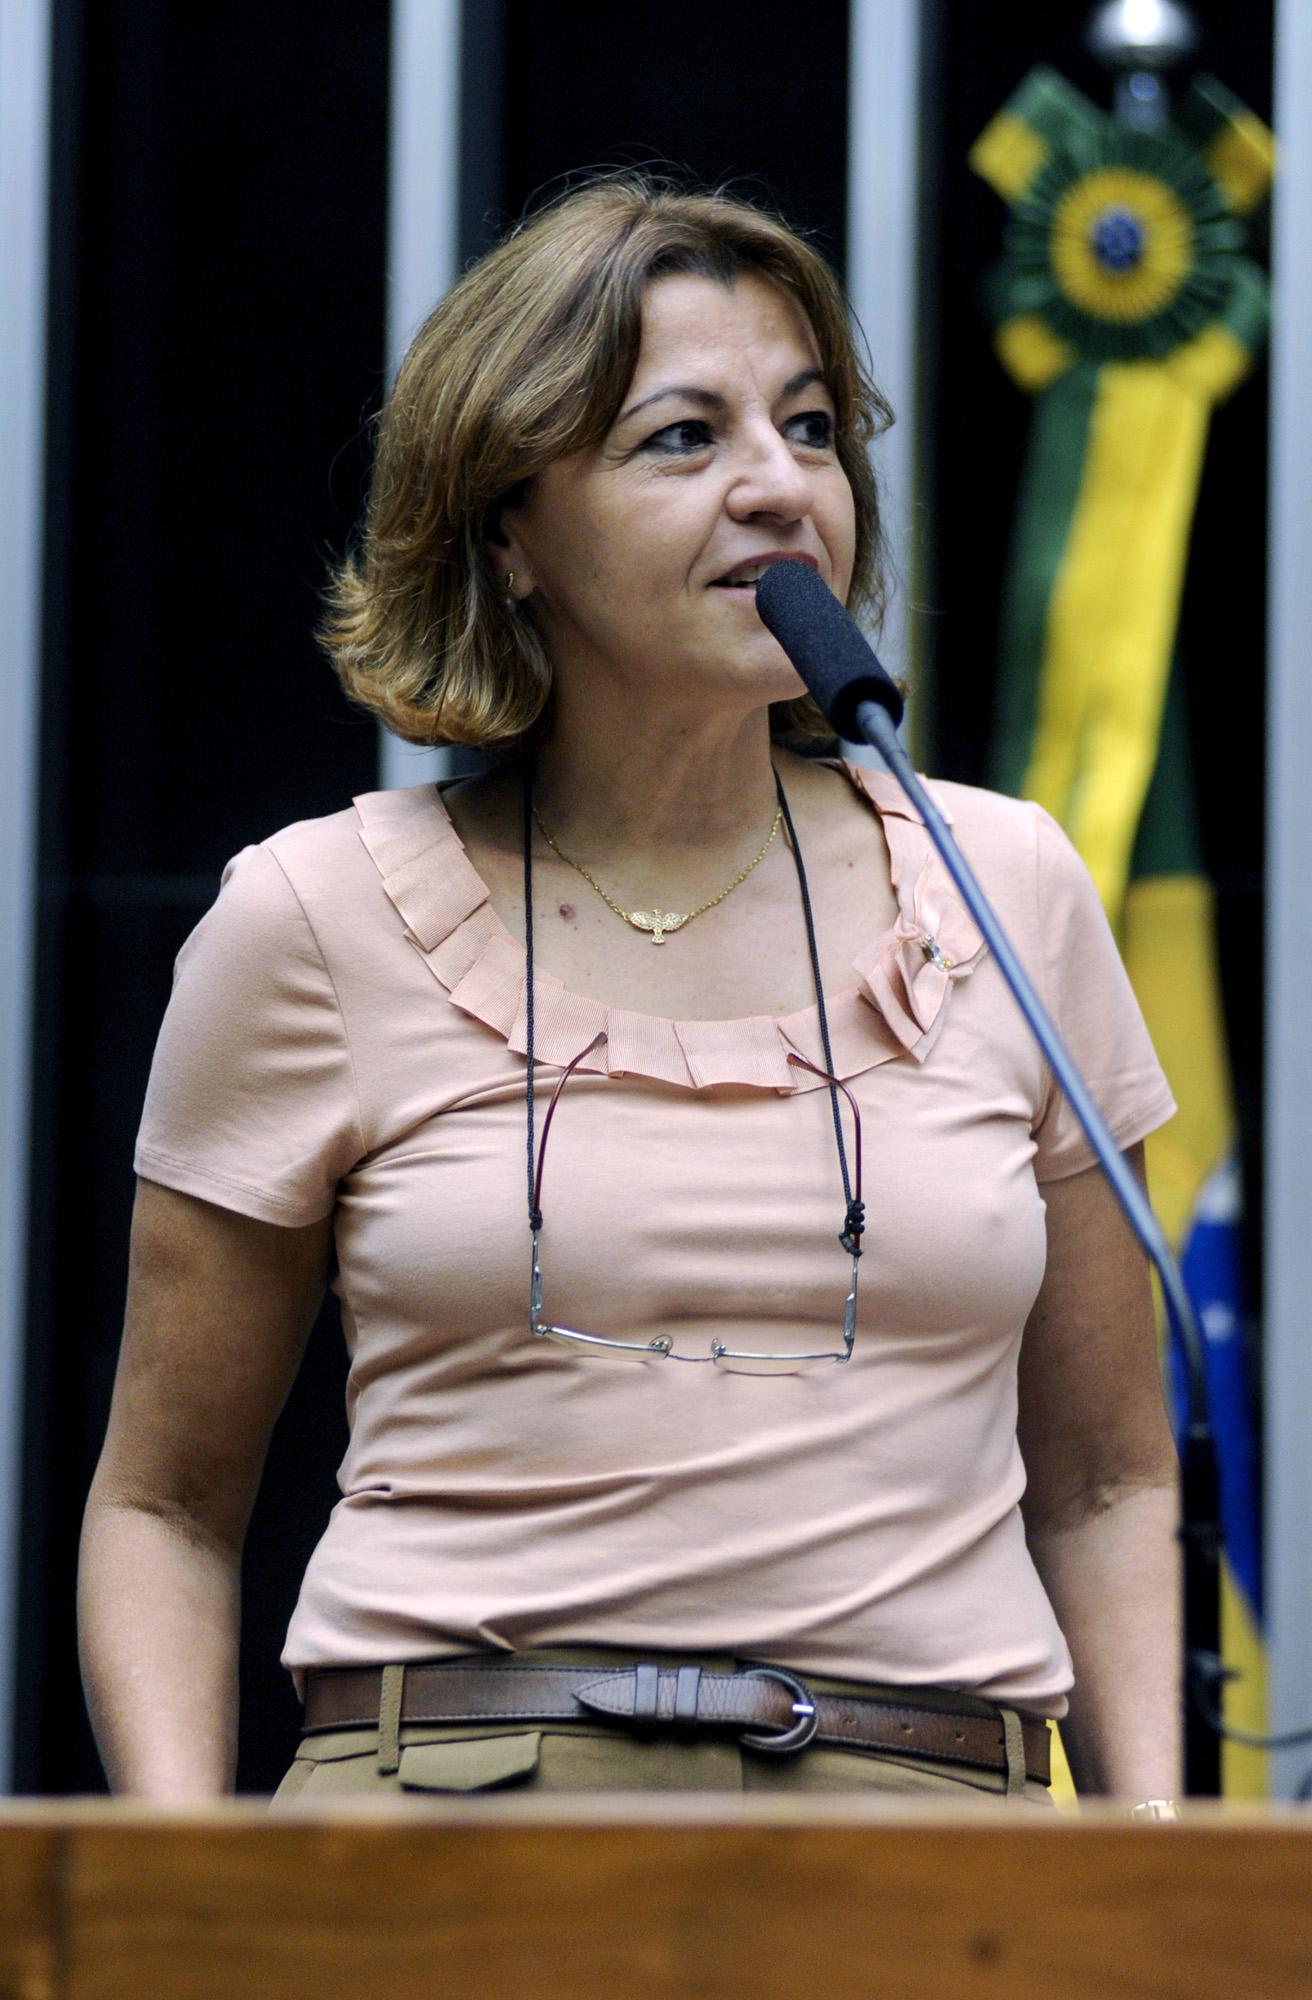 Lourdes Lima, Presidente da Federação Brasileira de Associações de Síndrome de Down